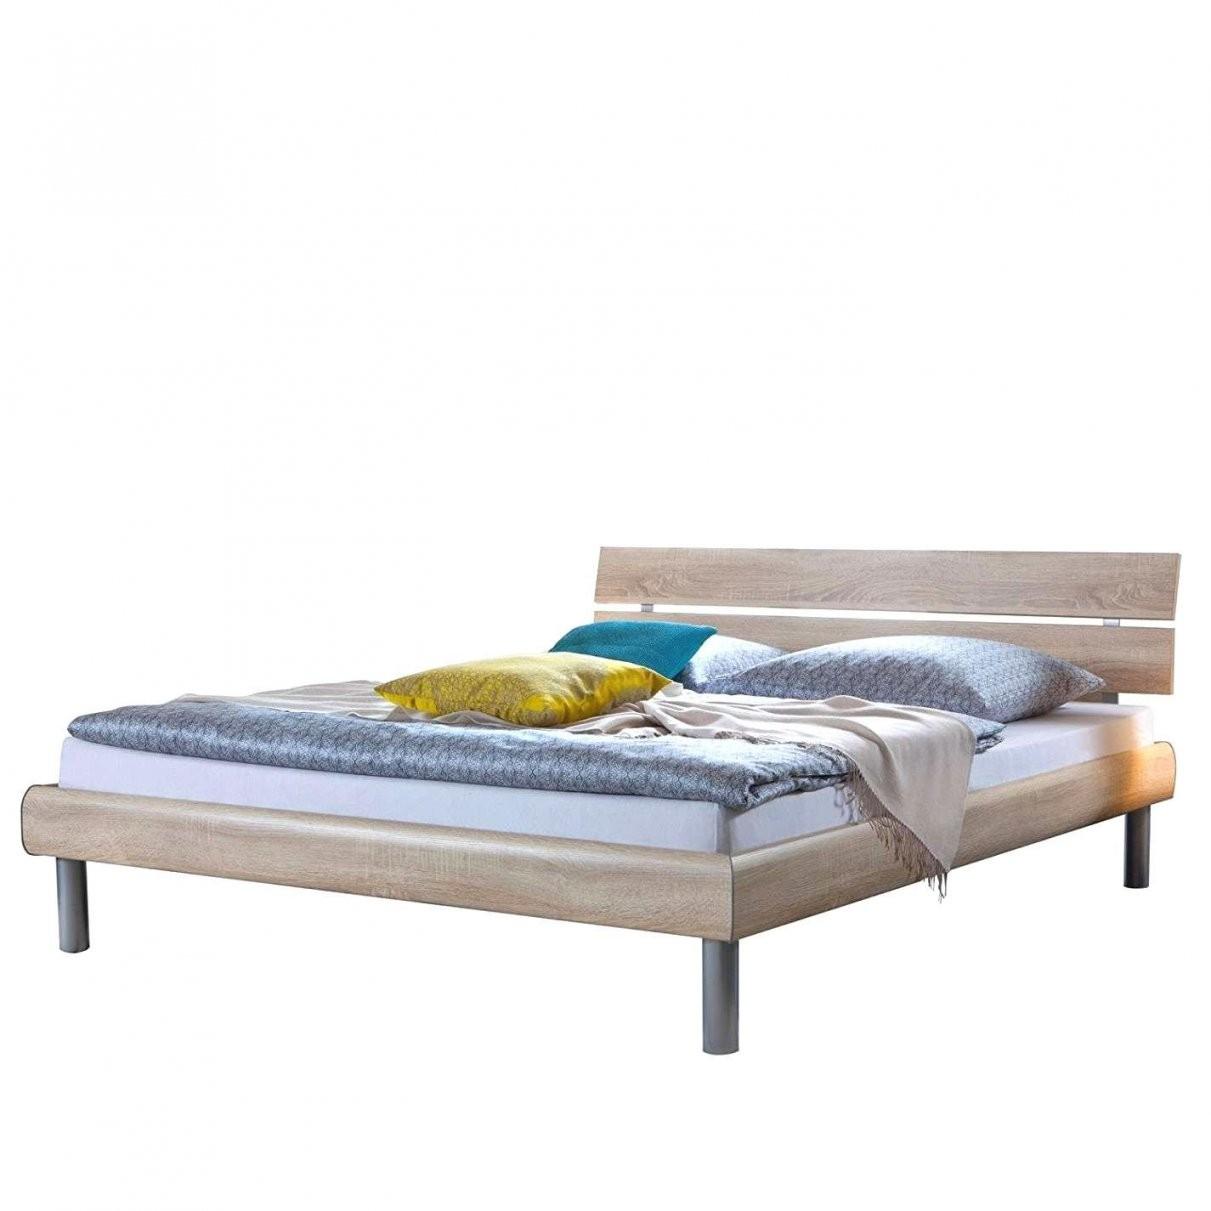 Tolle 24 Bett Mit Matratze Und Lattenrost 90×200 Design Ideen von Bett Mit Matratze Und Lattenrost 90X200 Bild